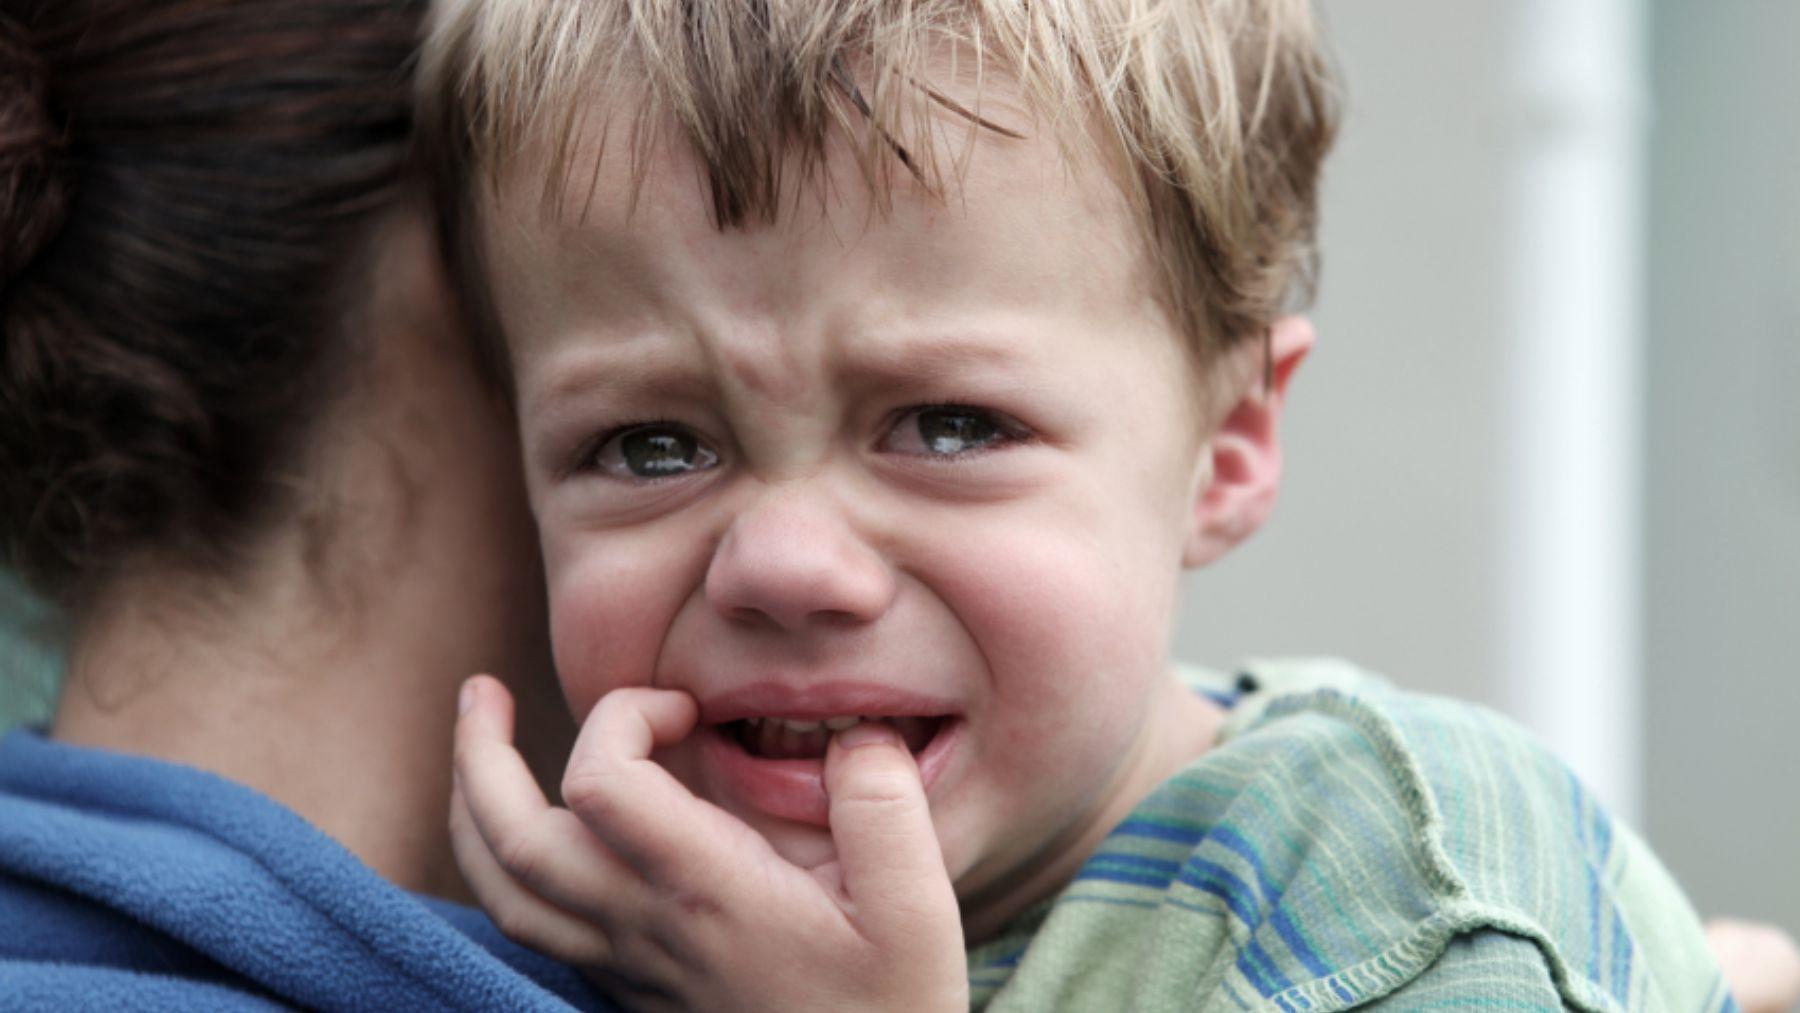 Cómo puede afectar el divorcio a un niño de tres años